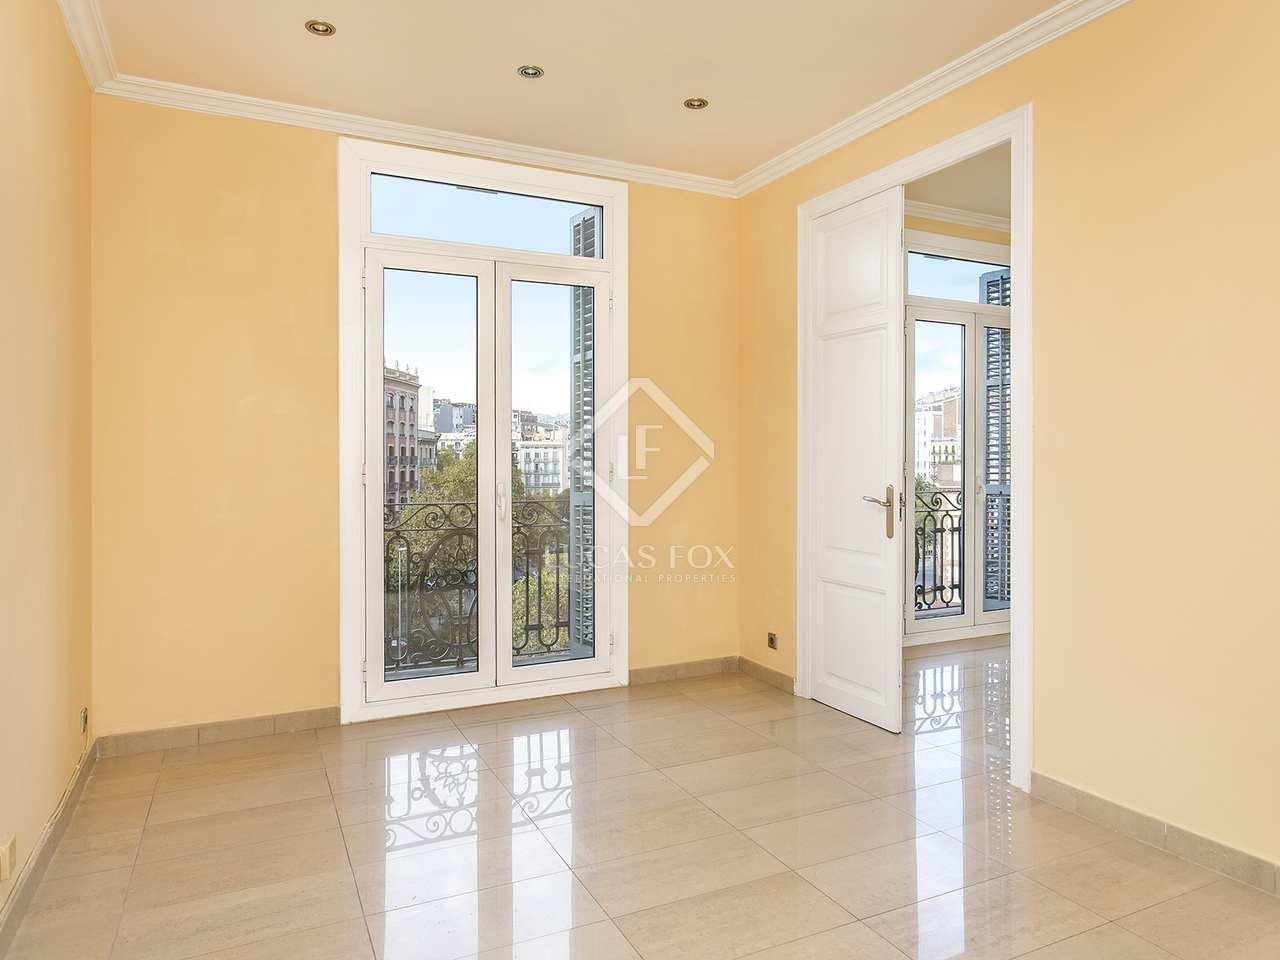 Appartement de 170m a louer eixample droite barcelone for Appartement a louer a barcelone avec piscine